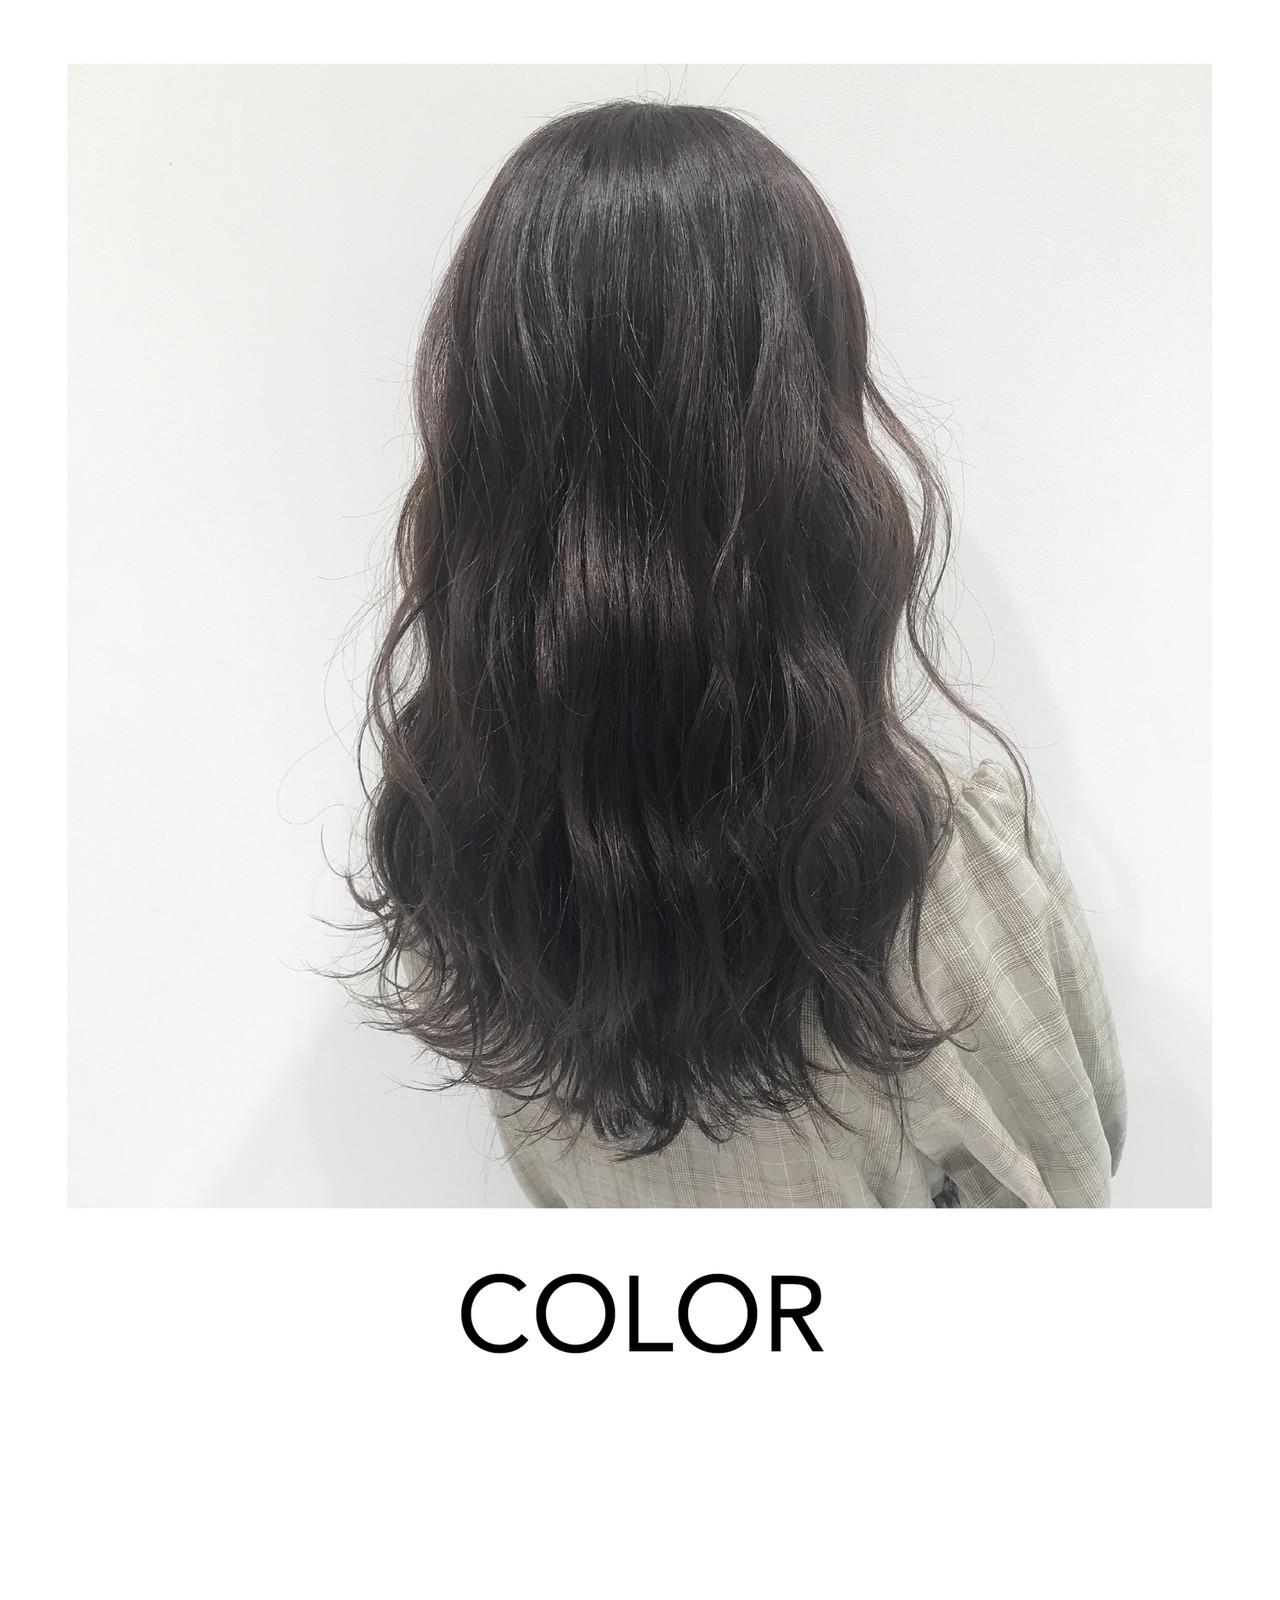 ヘアアレンジ 卒業式 セミロング イメチェン ヘアスタイルや髪型の写真・画像